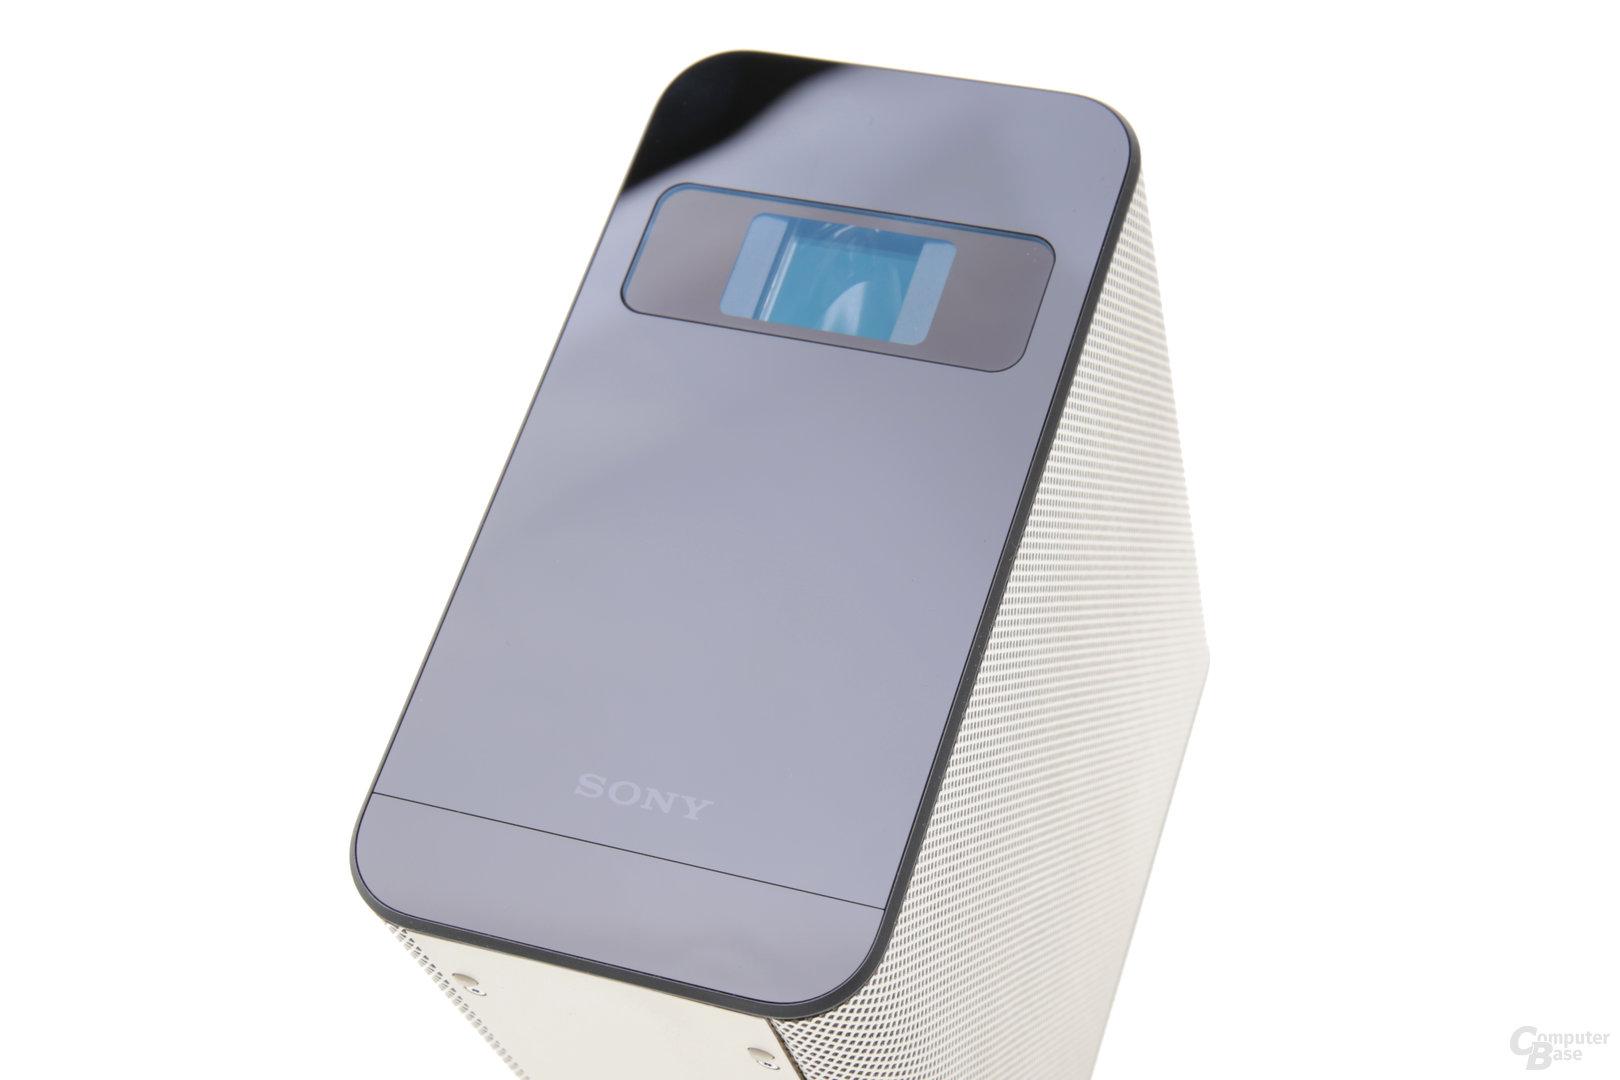 Laser-Projektor oben, unterhalb des Sony Schriftzugs liegt Infrarot-Touch